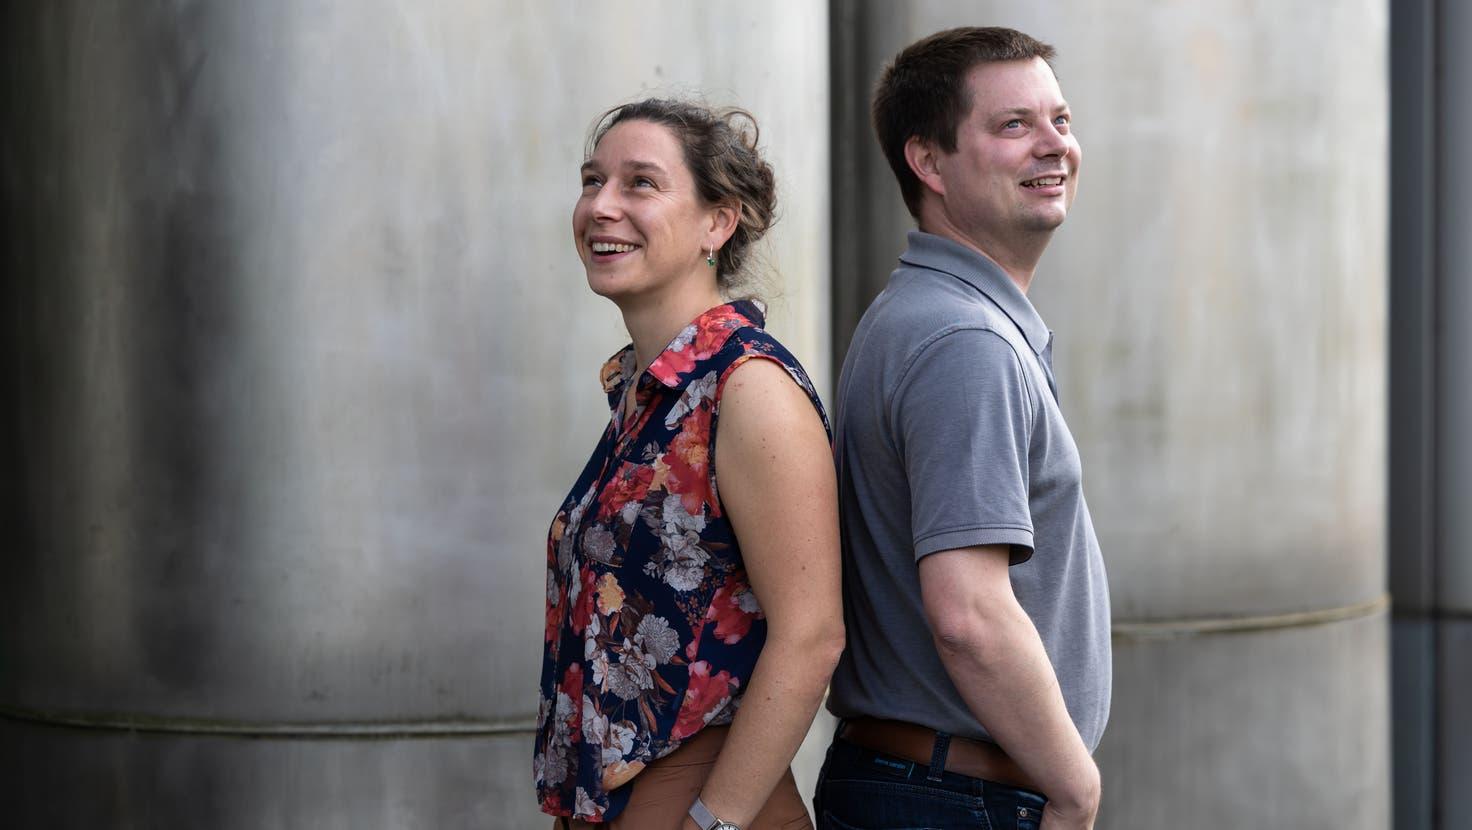 Wer hat die nächsten vier Jahre das Vize-Stadtpräsidium in Solothurn inne? Zur Wahl stellen sich Laura Gantenbein (Grüne) und Pascal Walter (CVP). (Hanspeter Bärtschi)